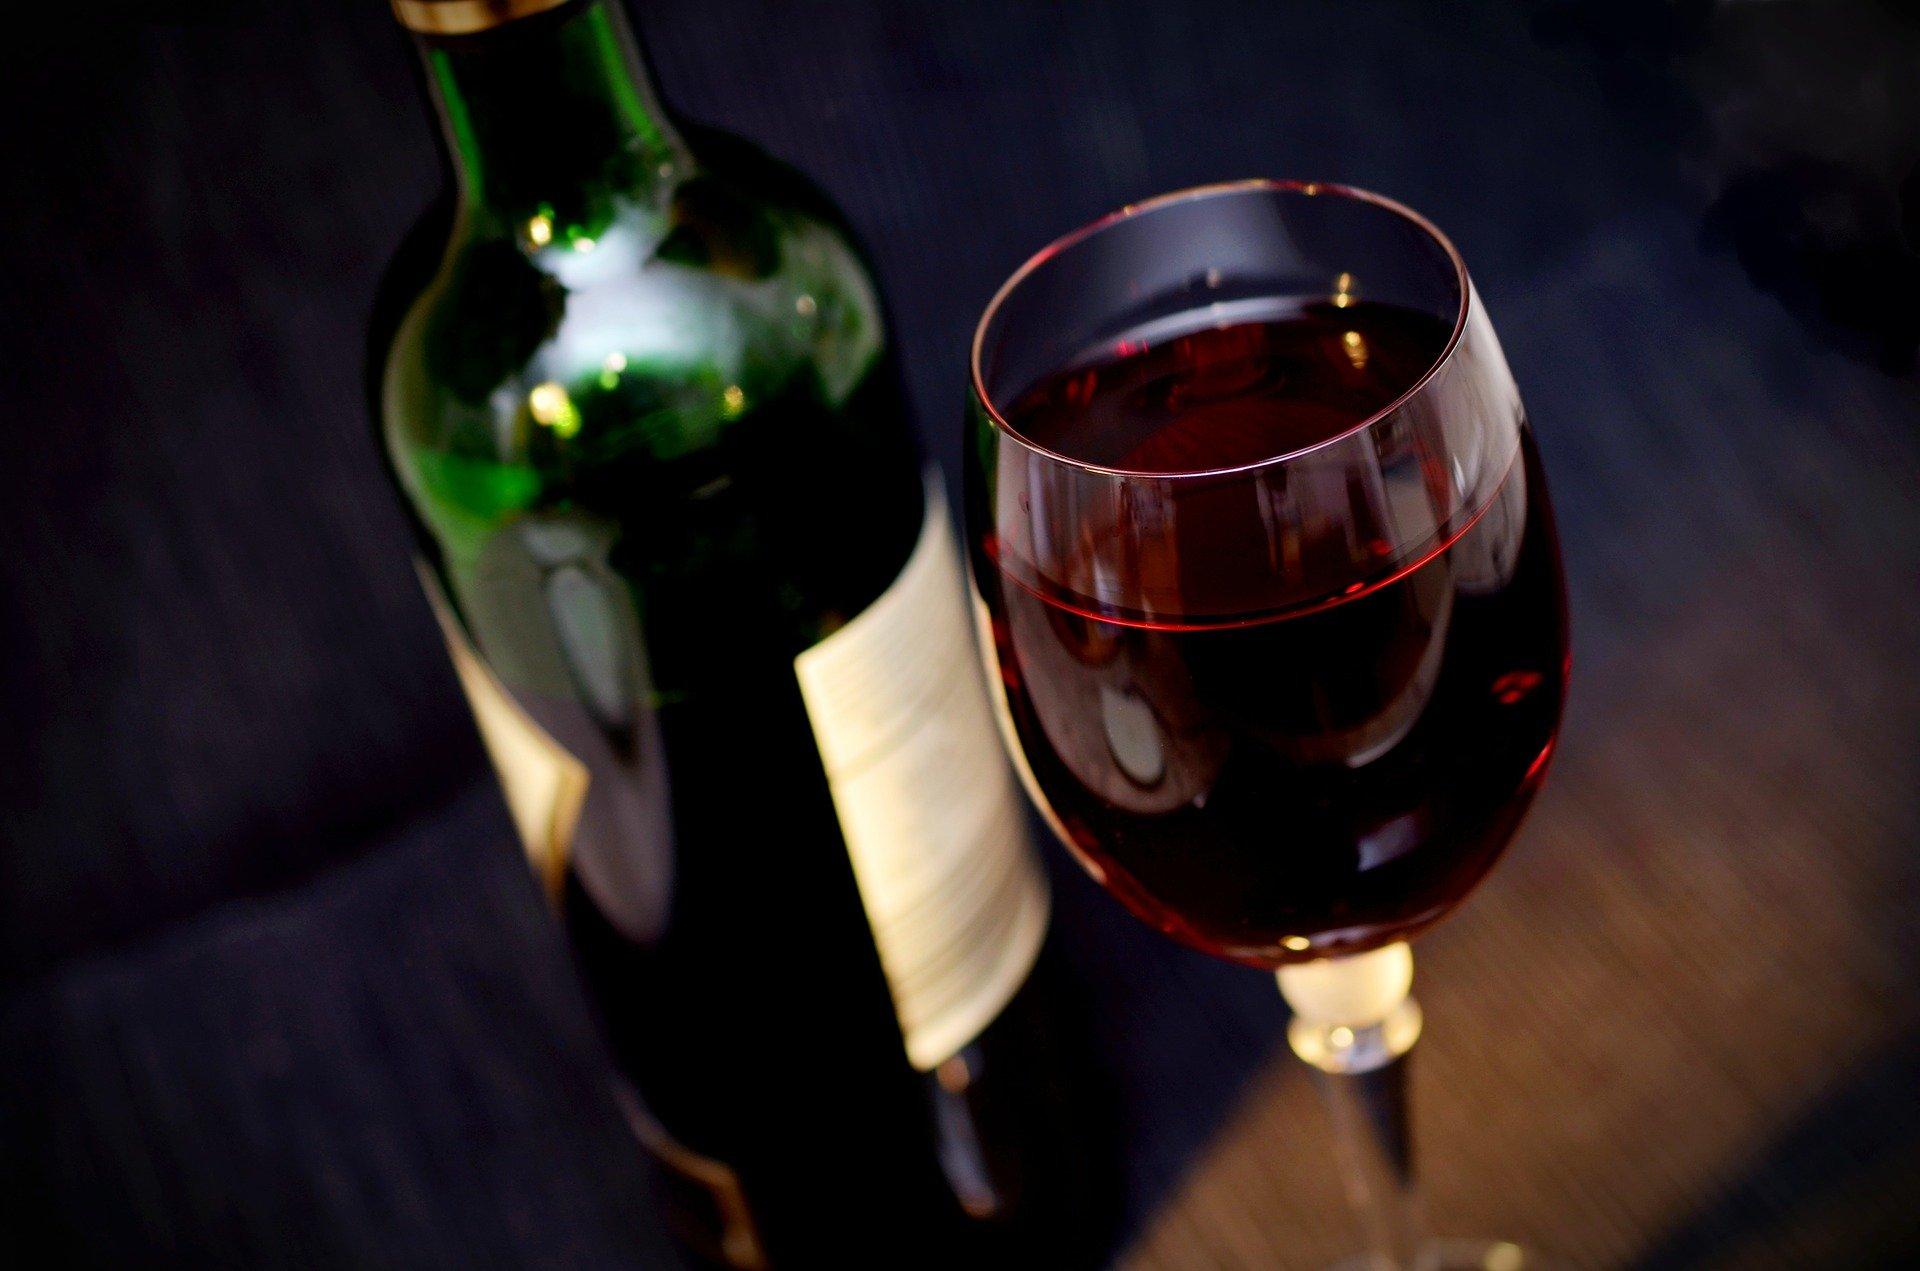 Vinho tinto: conheça os detalhes